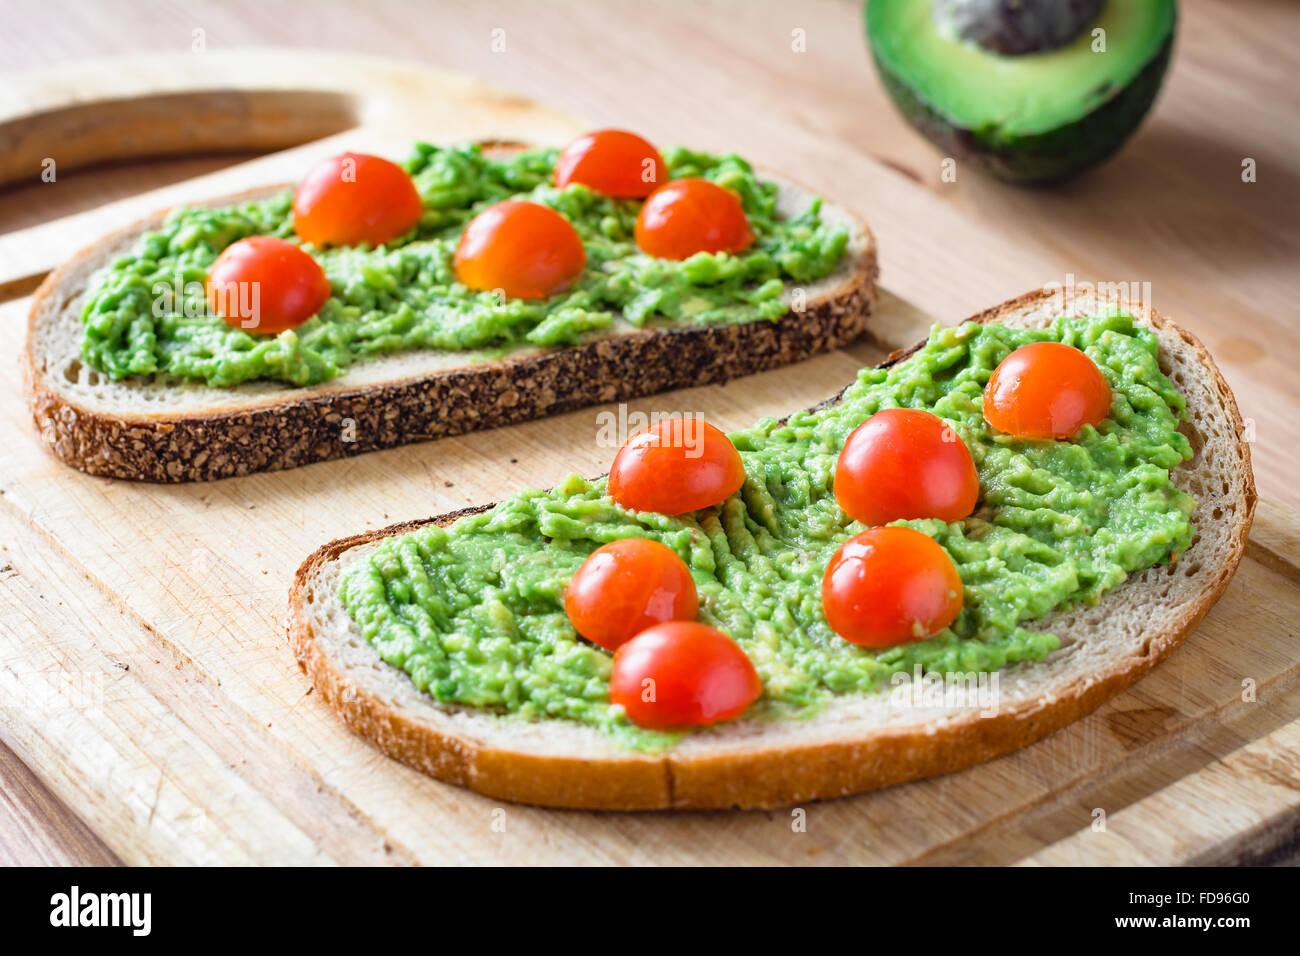 guacamole und brot toast mit avocado und cherry tomaten auf holzbrett stockfoto bild 94245088. Black Bedroom Furniture Sets. Home Design Ideas